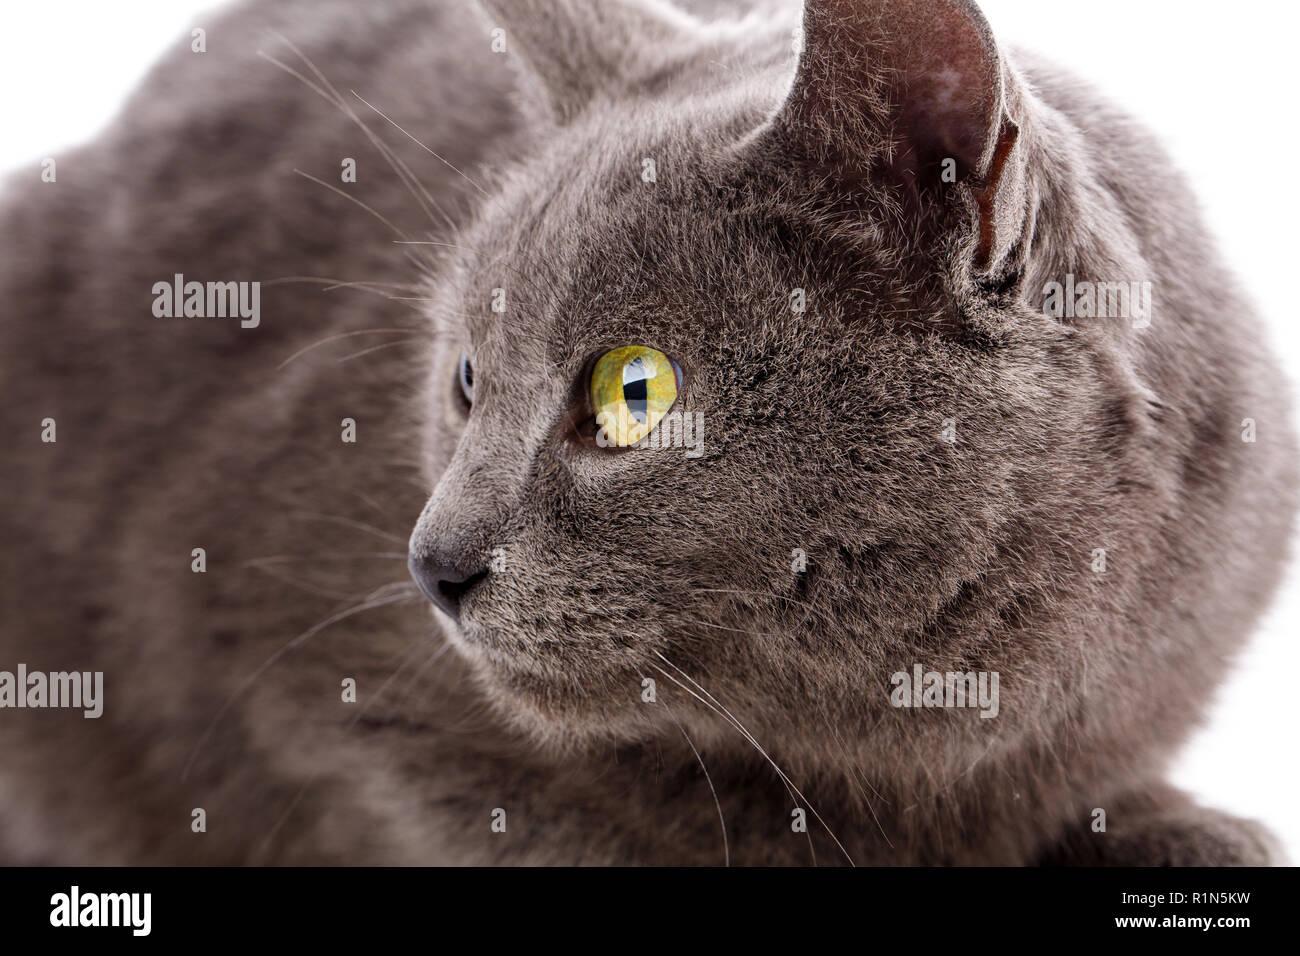 Katze Portrait ohne Rasse. Eine einfache graue Katze Stockbild